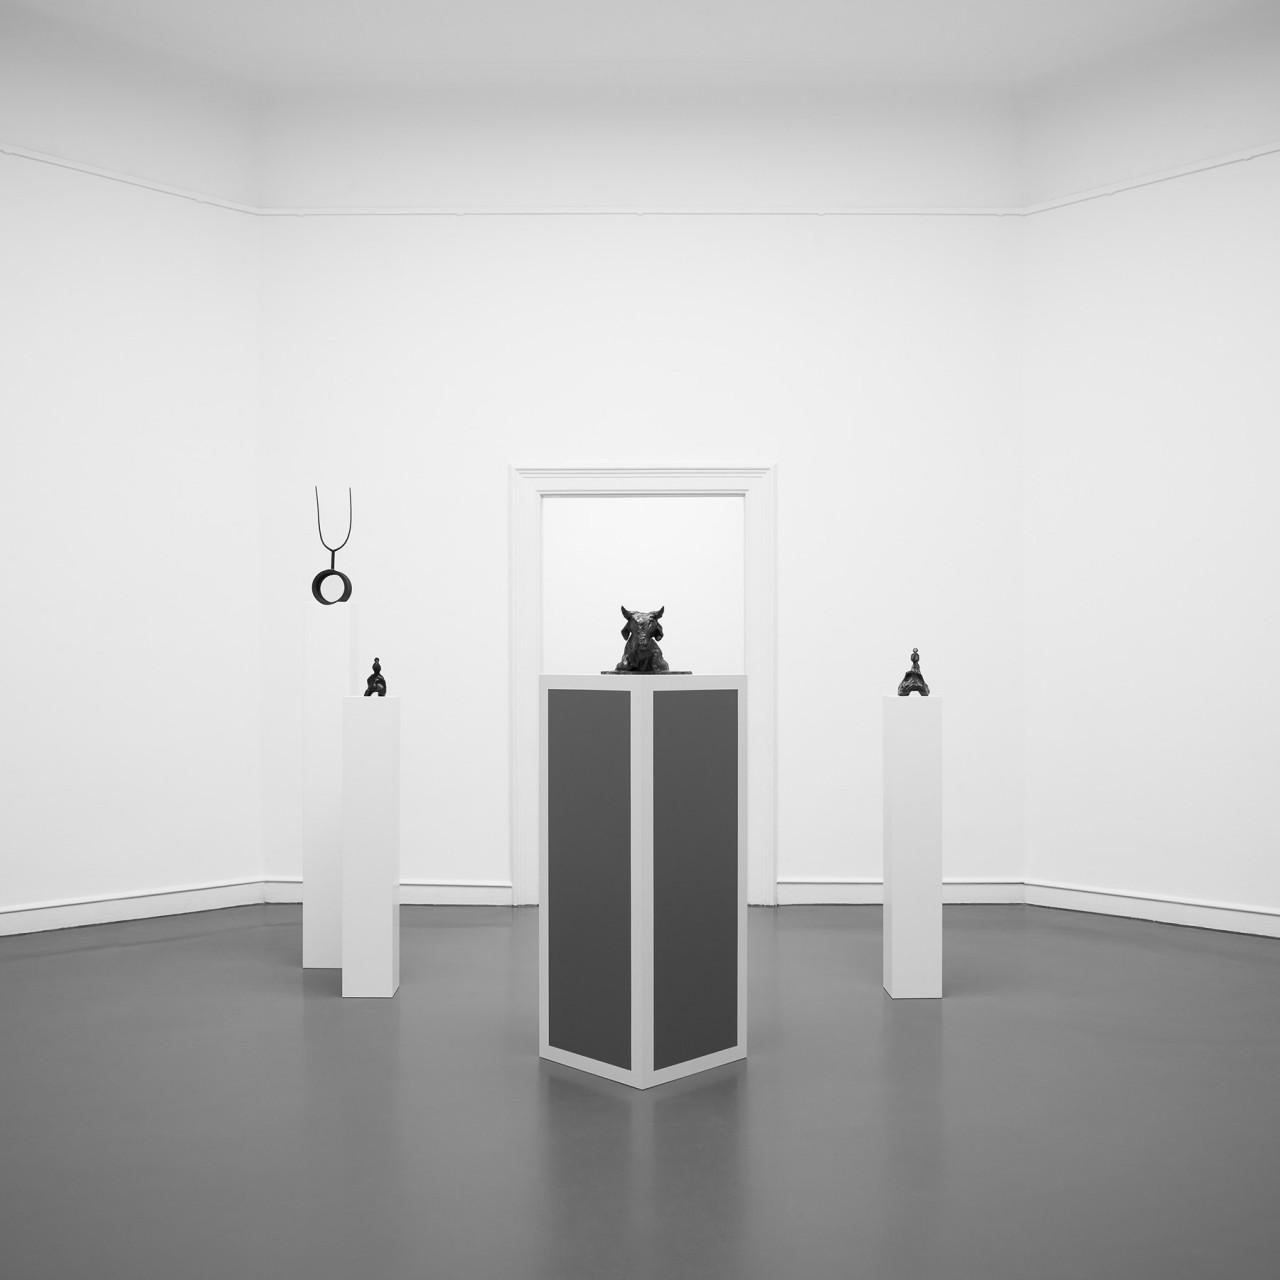 Interieurfotografie und Ausstellungsansichten aus Berlin Michael Müller – Staatliche Kunsthalle Baden-Baden